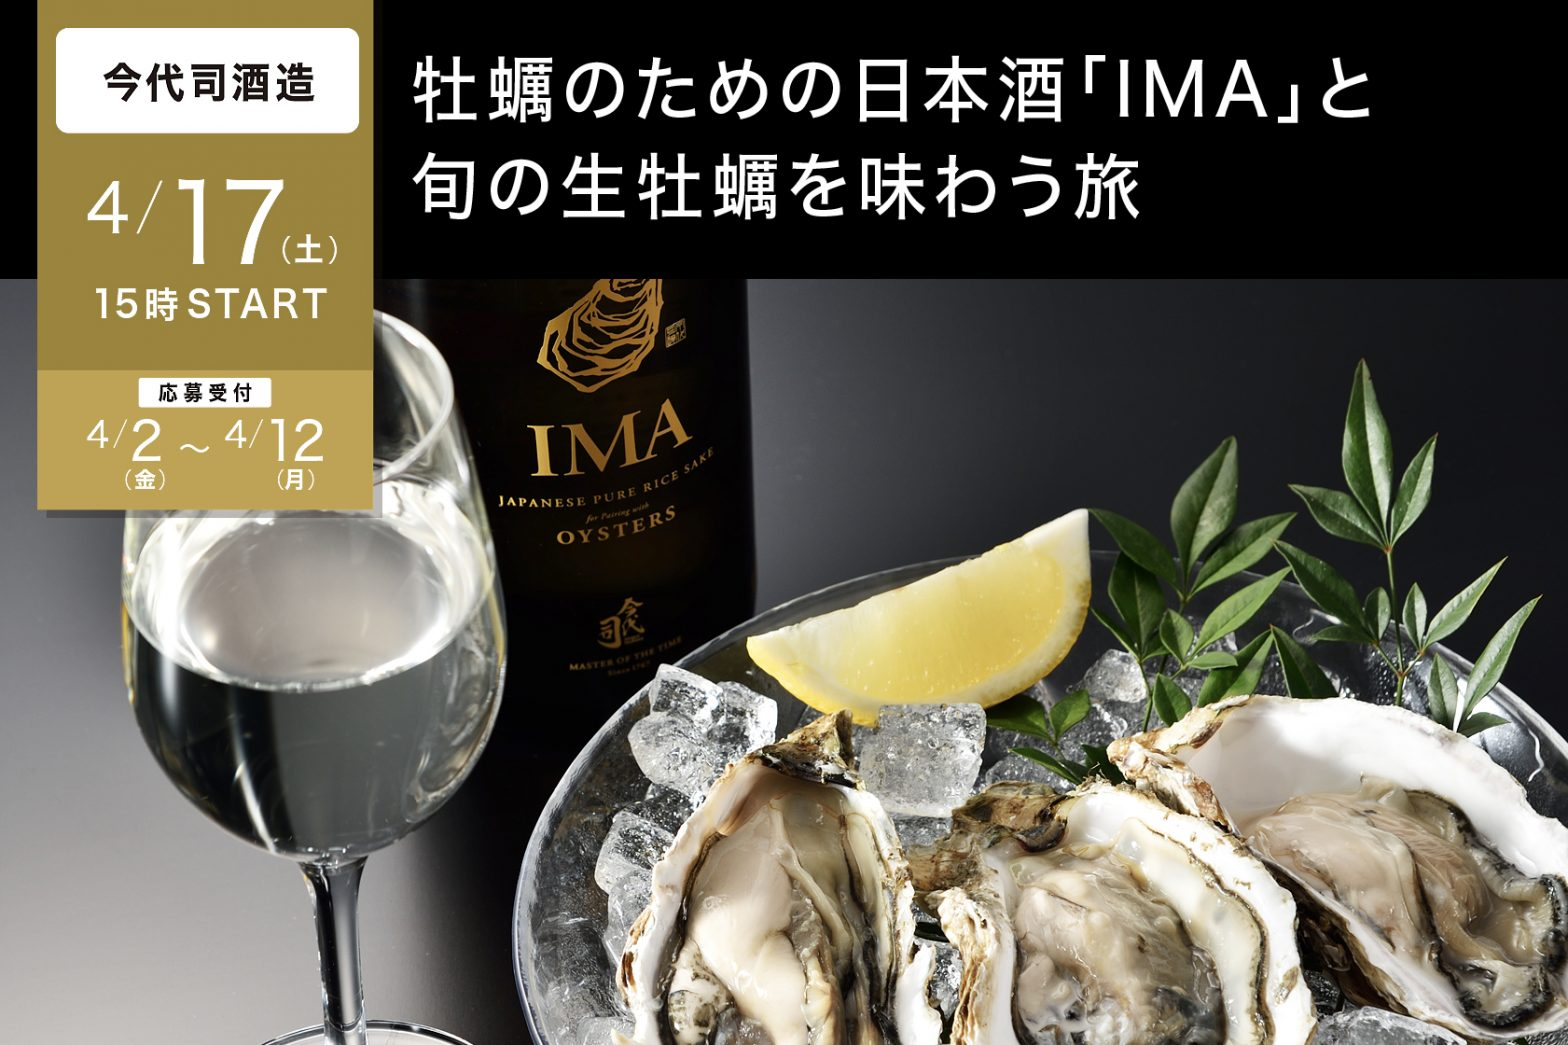 4/17牡蠣のための日本酒「IMA」と旬の生牡蠣を味わう旅